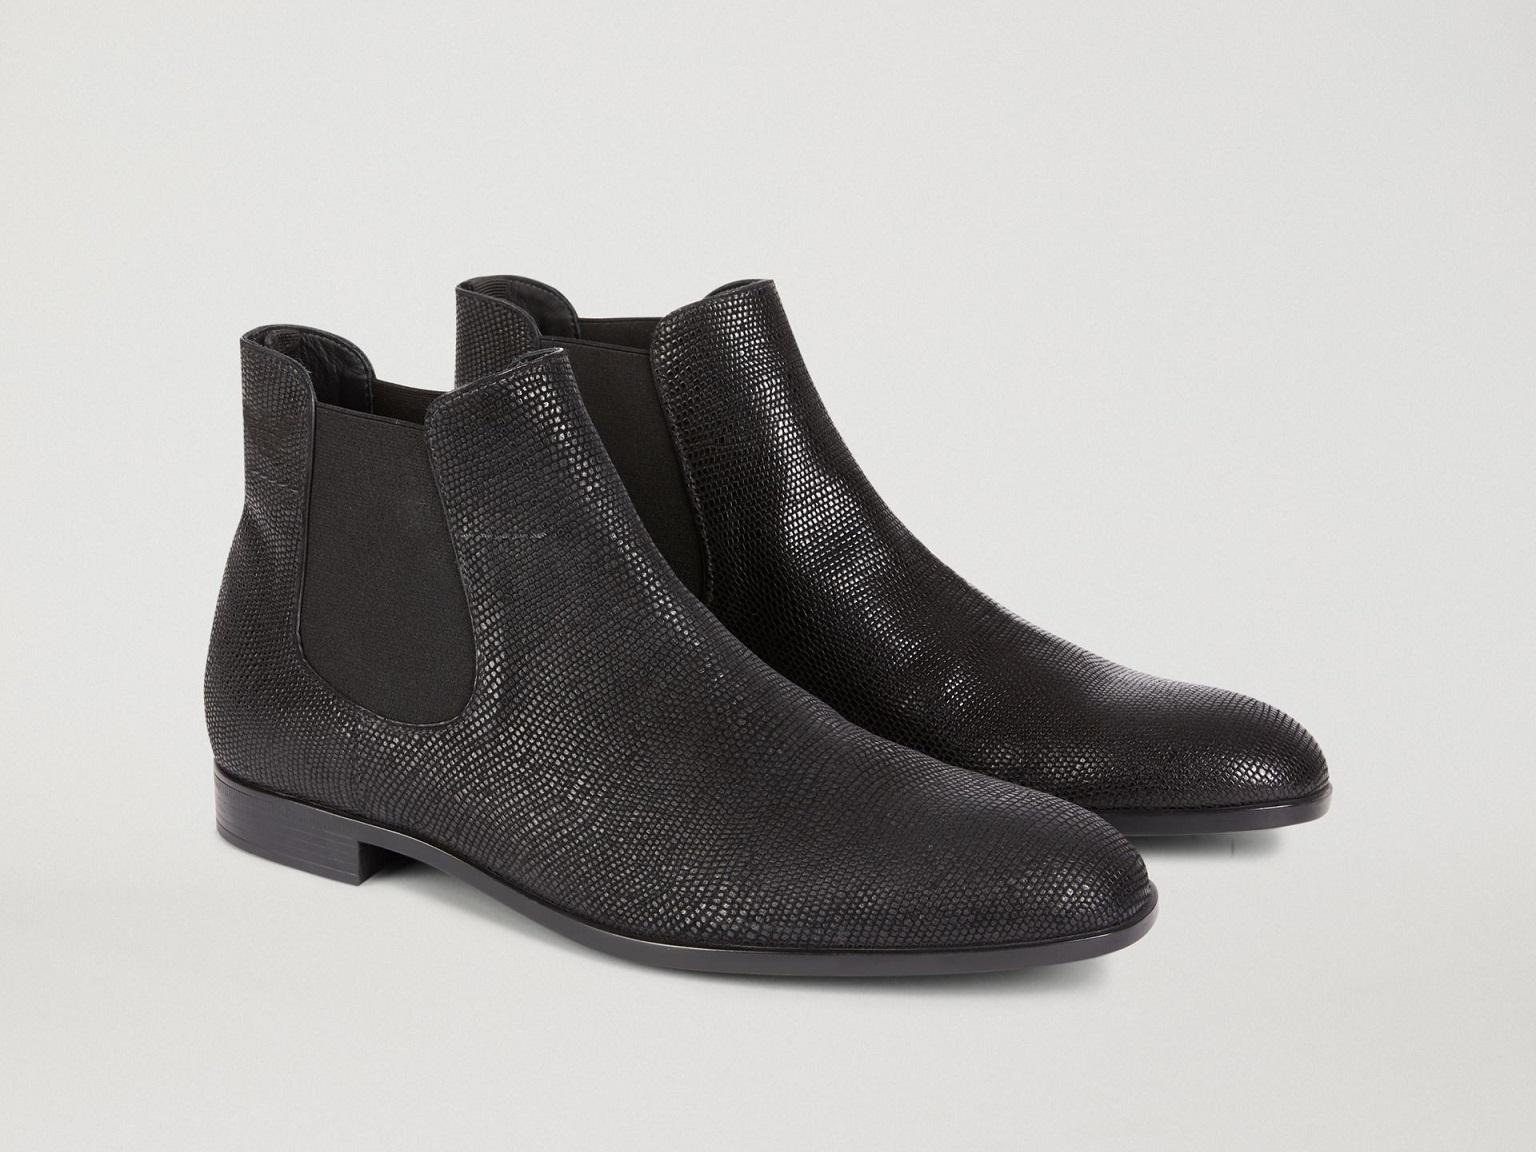 a4bc58c0 Мужская обувь, кросовки и ботинки | Emporio Armani